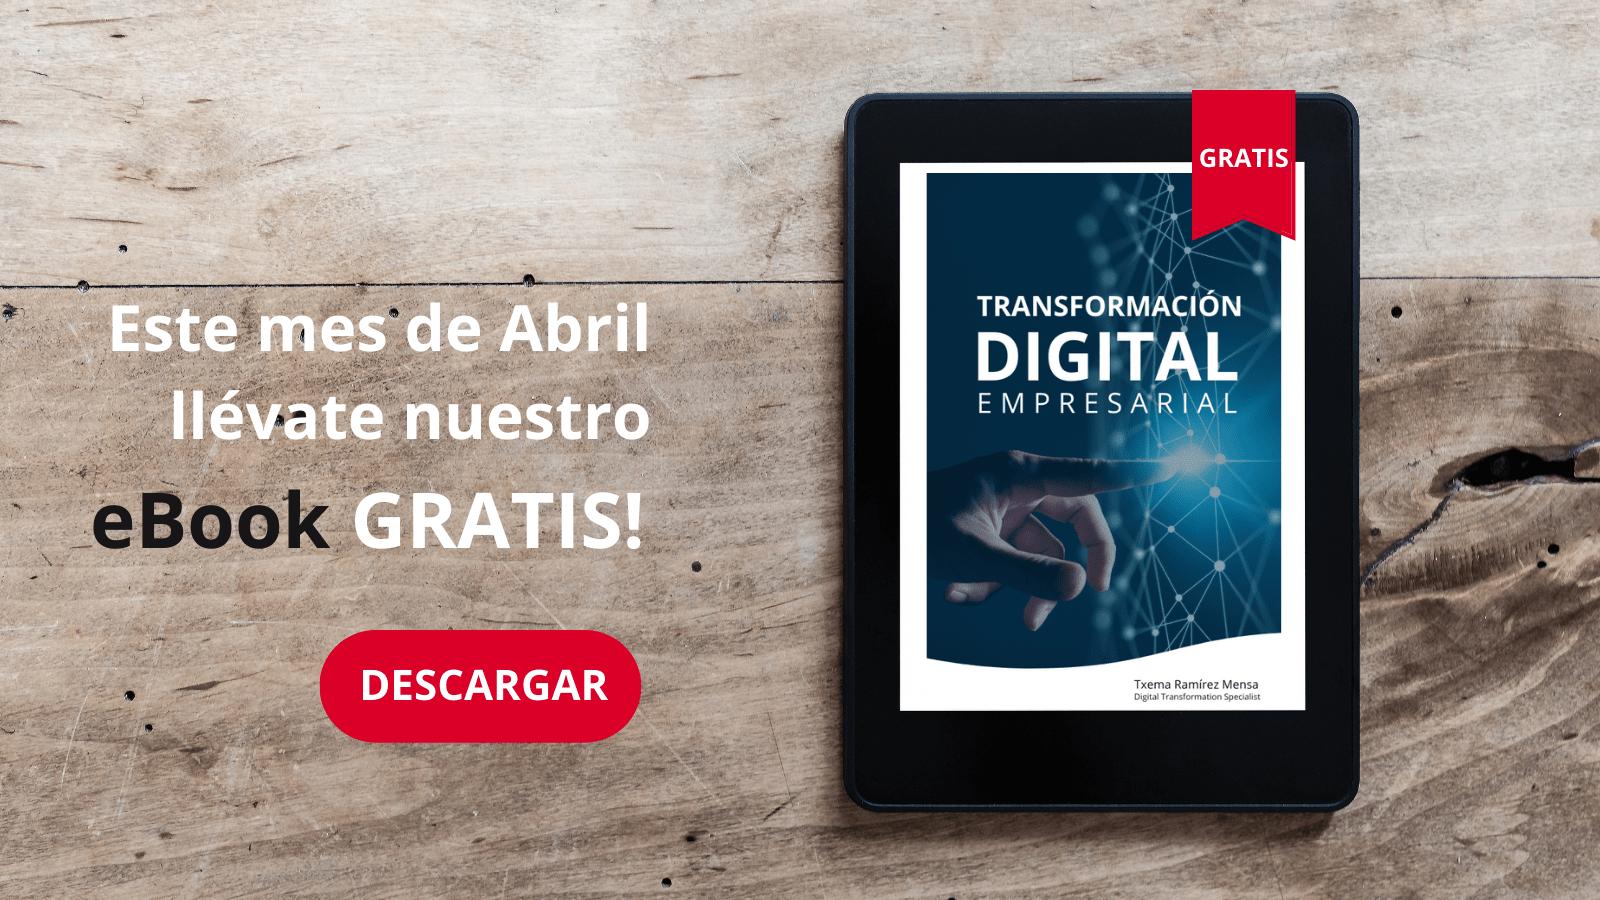 Descarga gratis eBook sobre Transformación Digital Empresarial